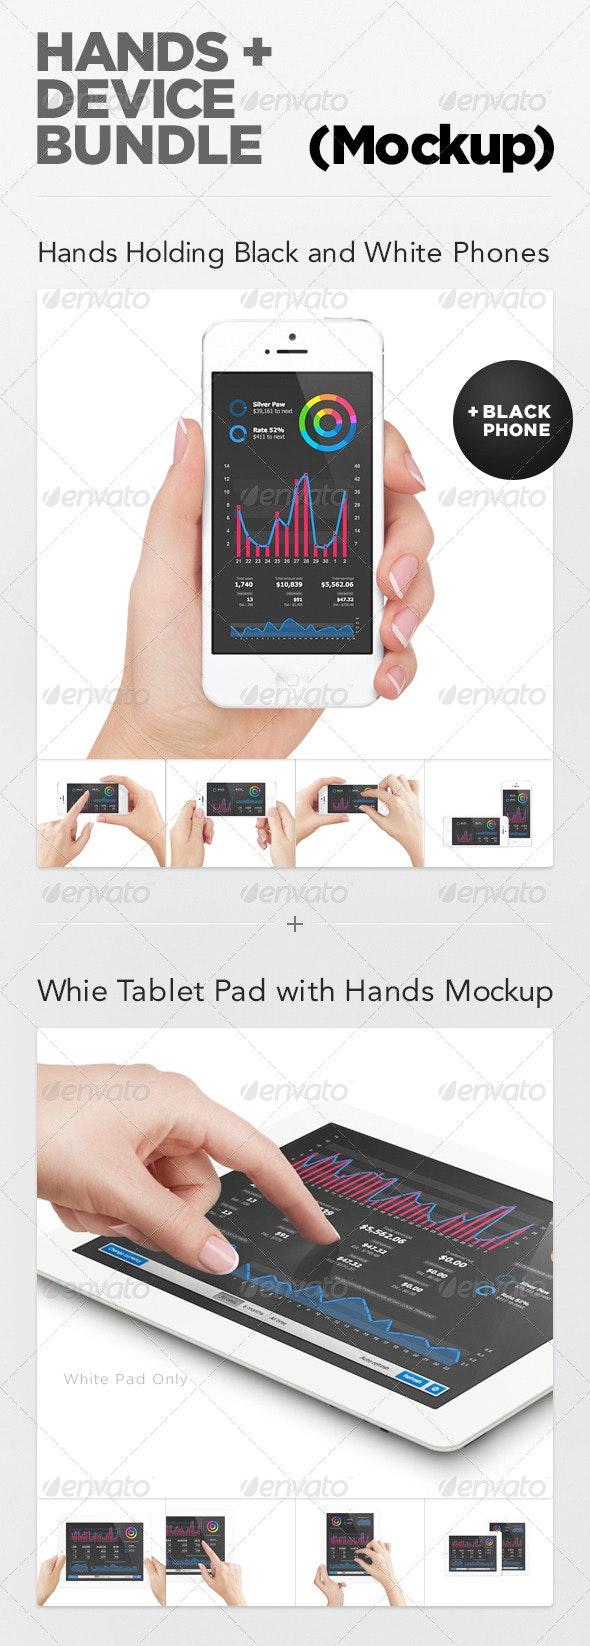 Hands + Device Bundle (Mockup) - Mobile Displays